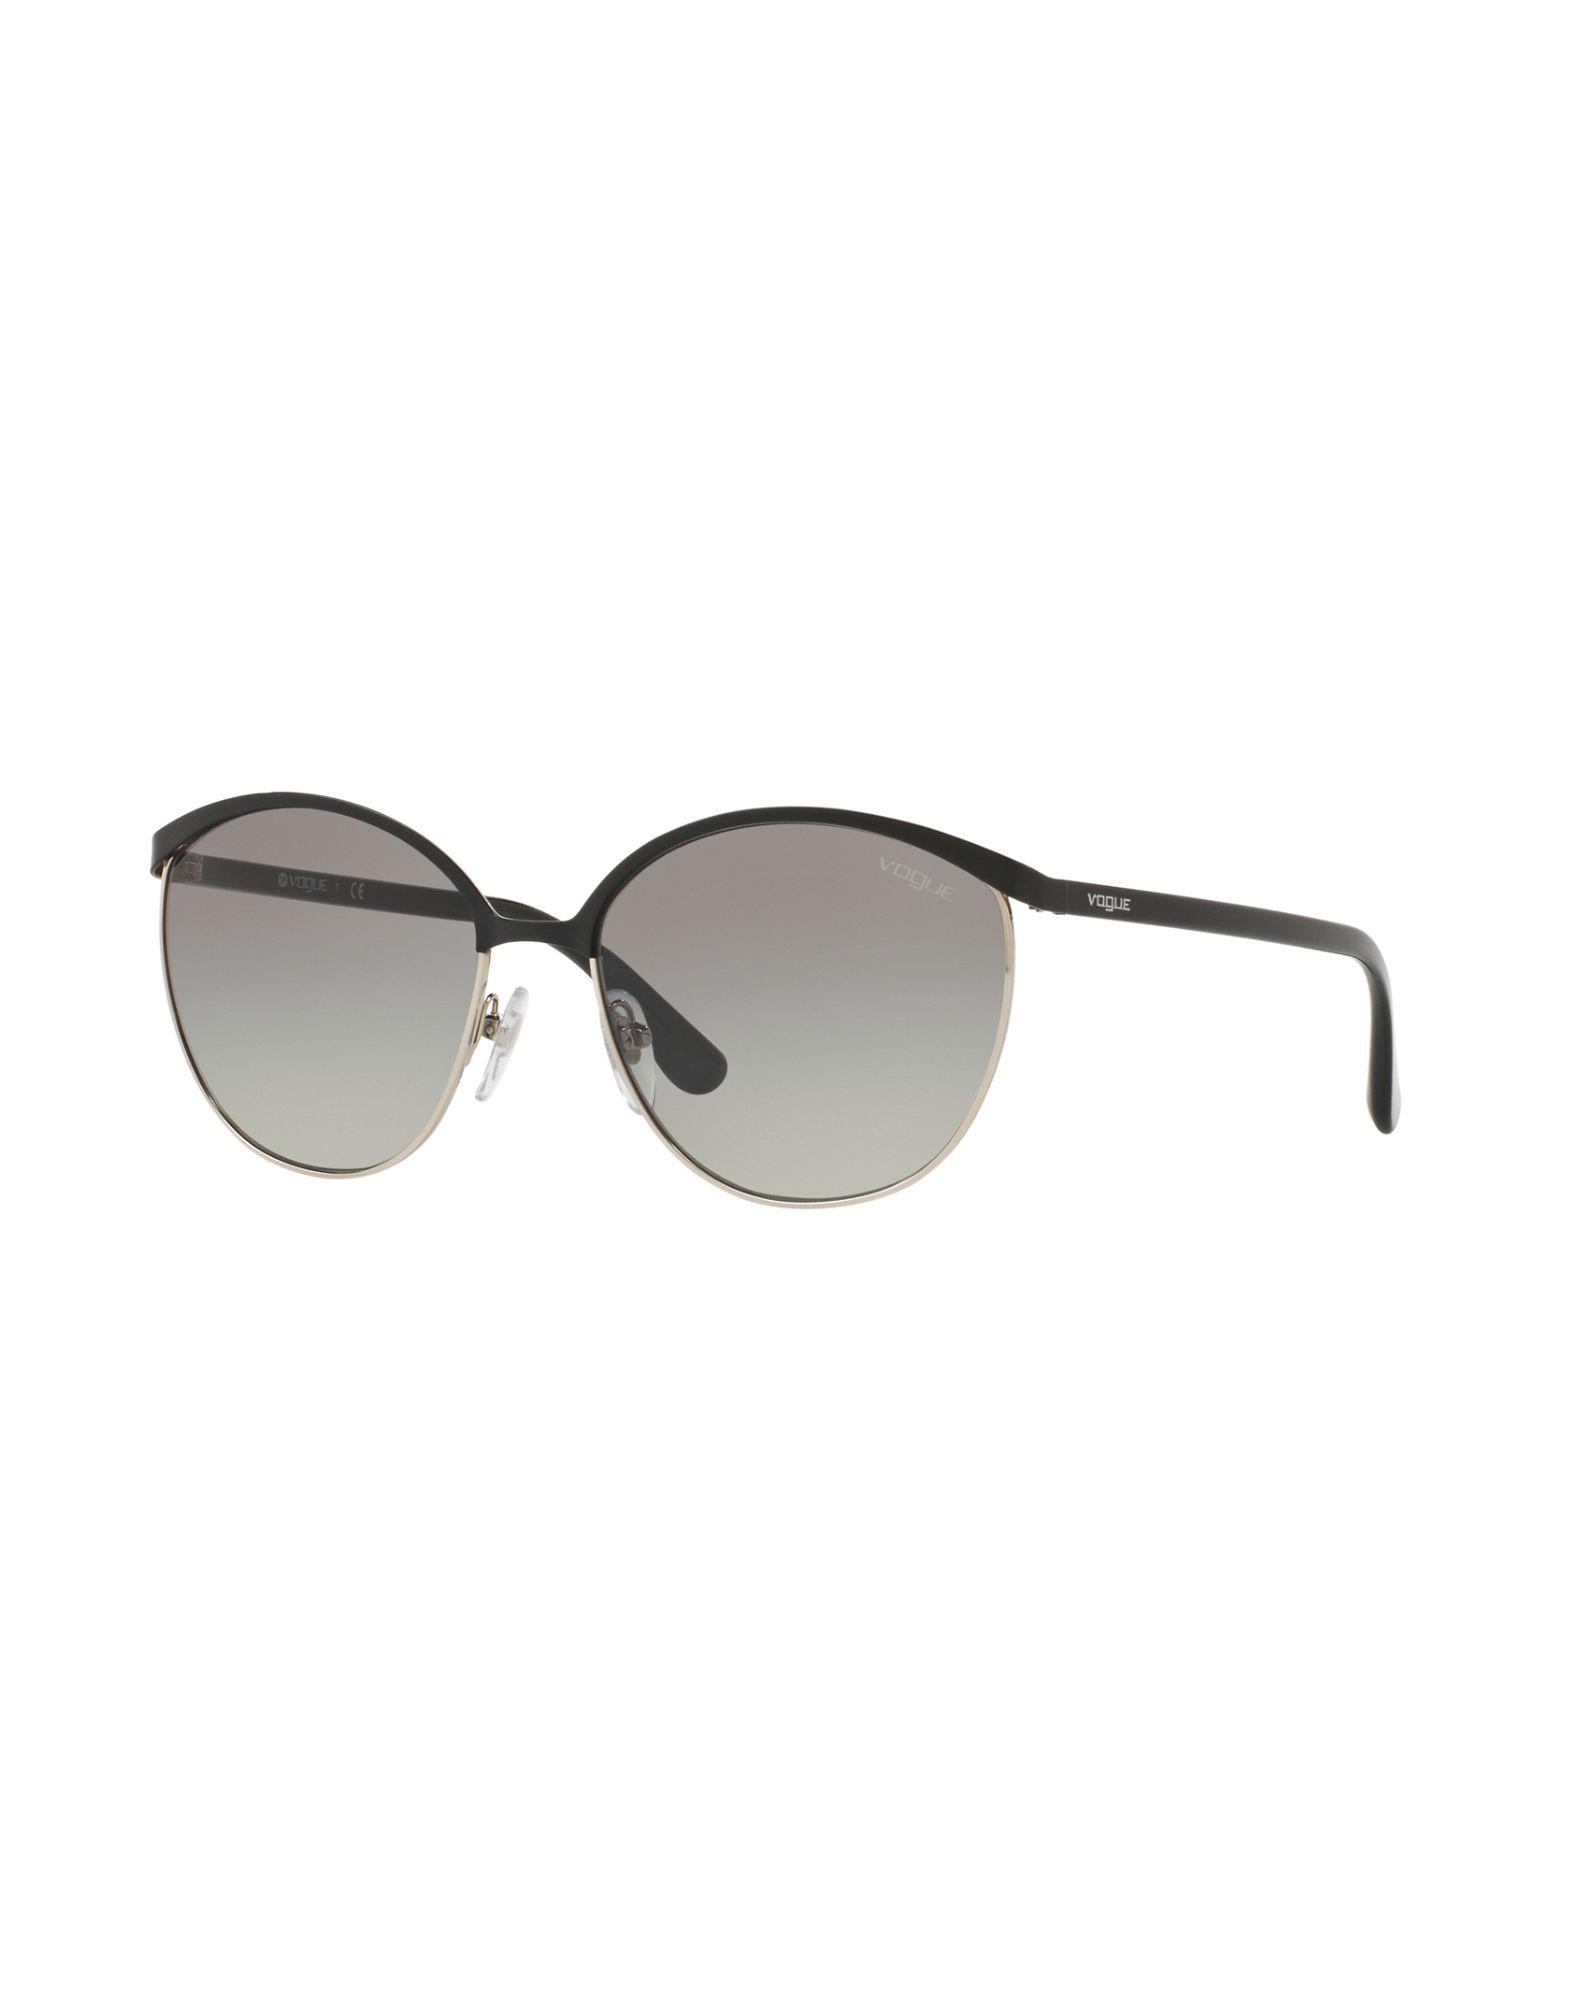 VOGUE Солнечные очки vogue vogel очки черного кадра серебряного покрытия линза мода полной оправе очки vo5067sd w44s6g 56мм